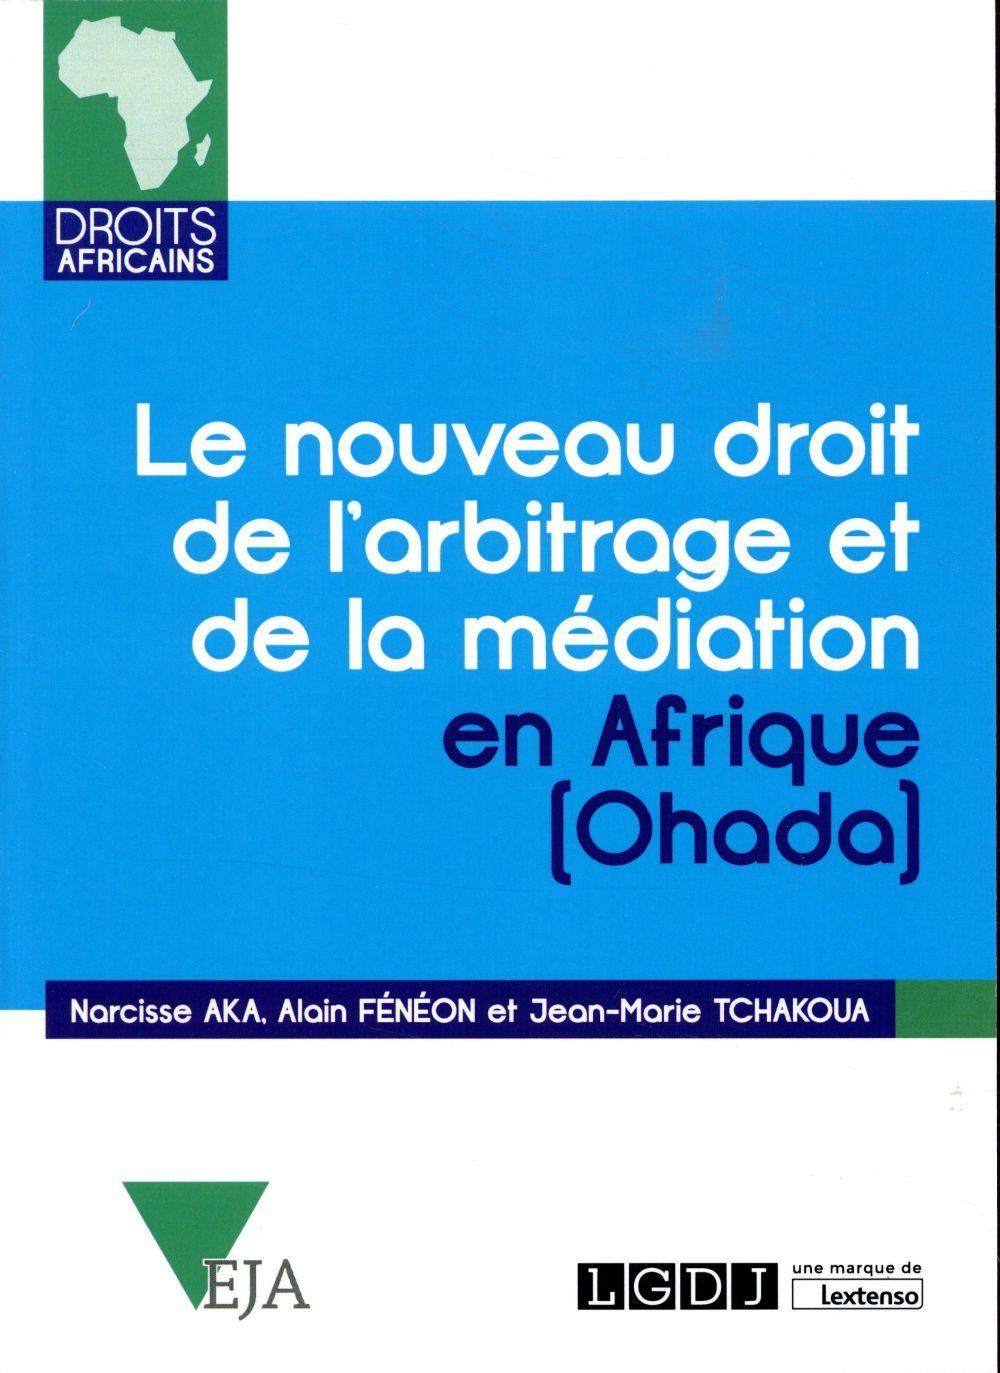 Le nouveau droit de l'arbitrage et de la mediation en afrique (ohada)